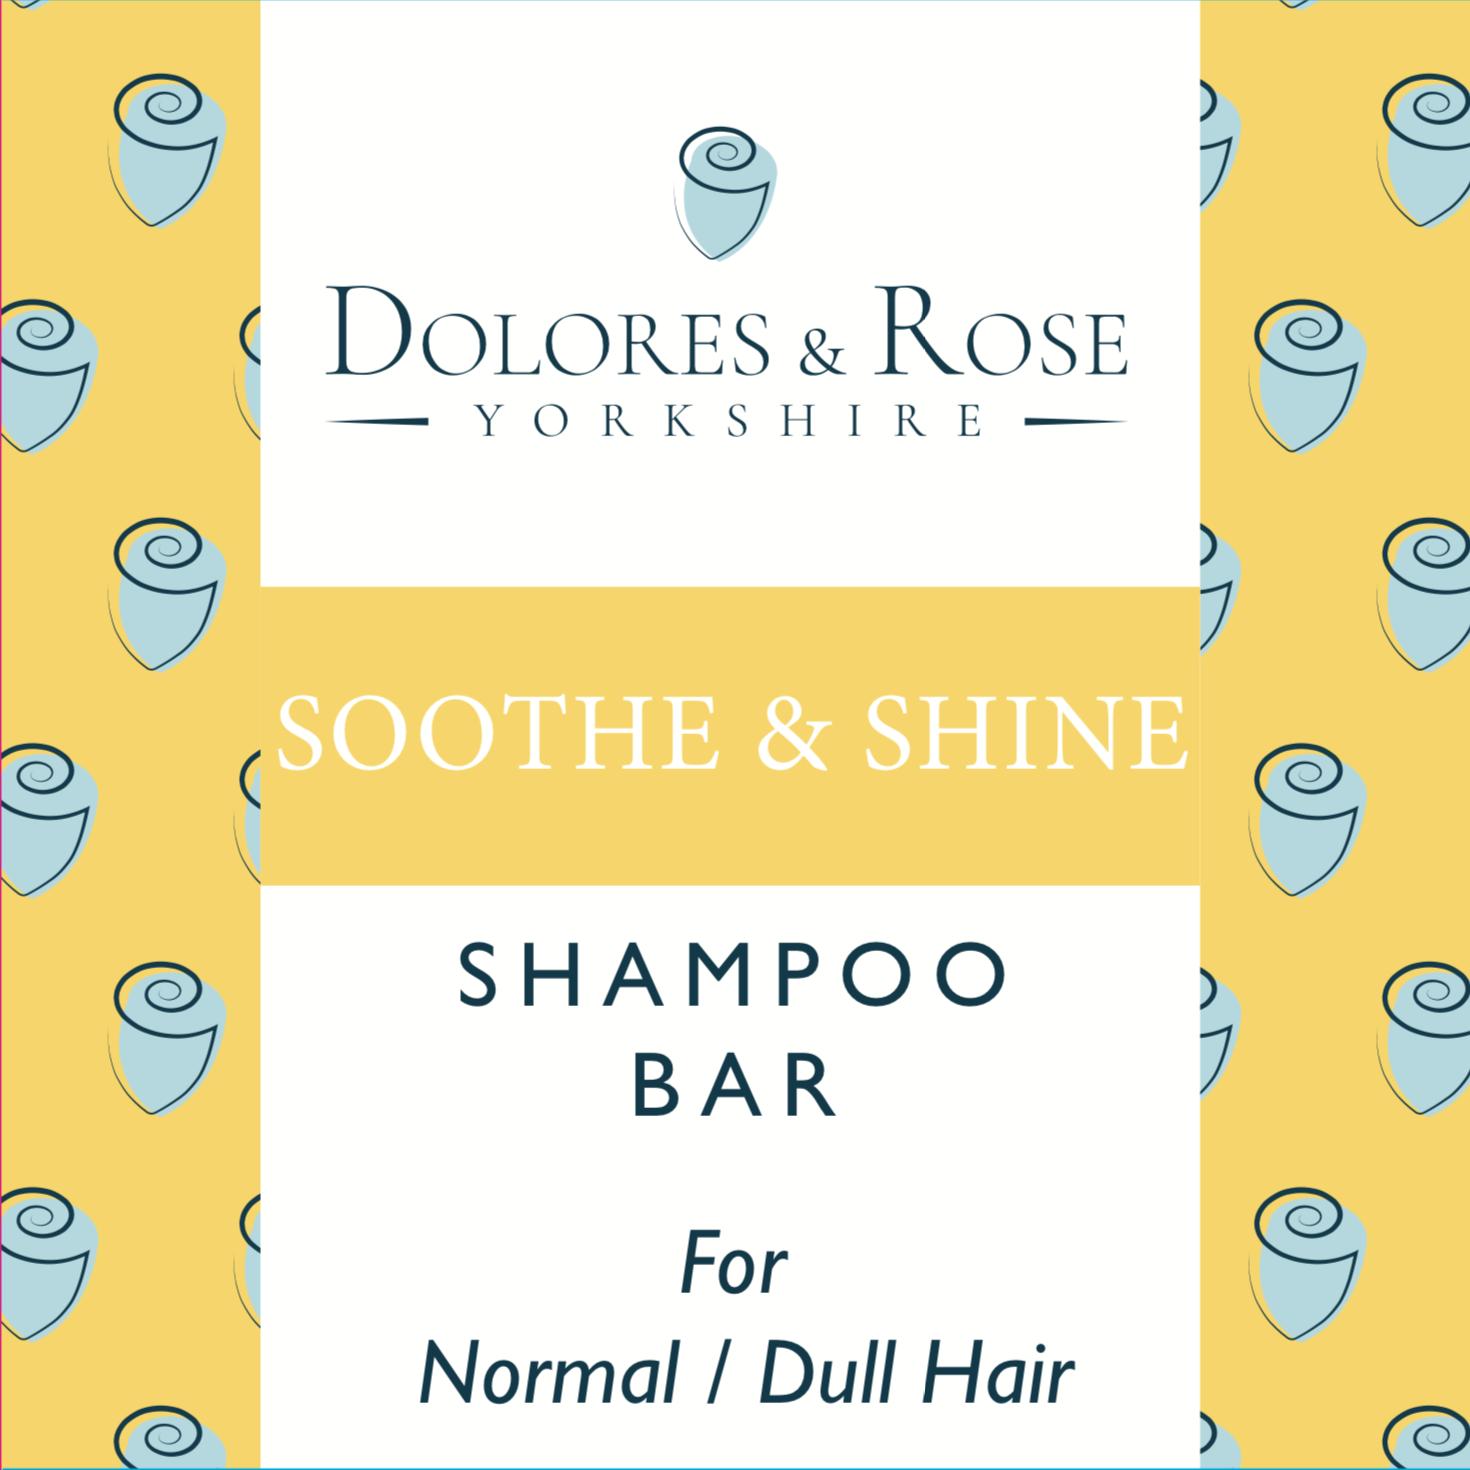 Soothe & Shine Shampoo Bar